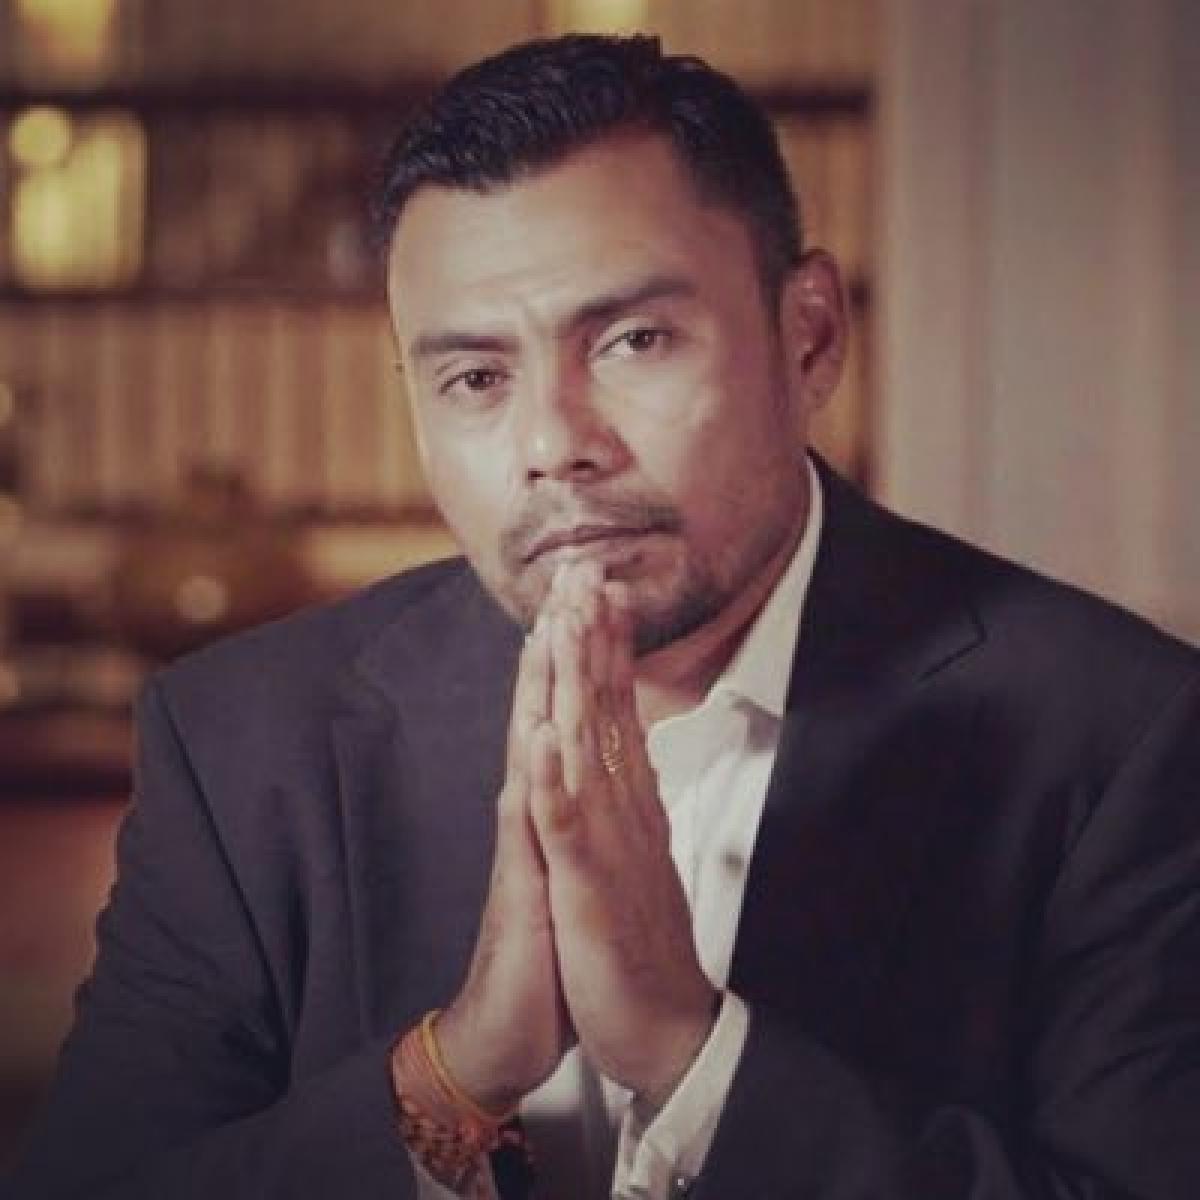 Danish Kaneria row: Plight of Hindus in Pakistan